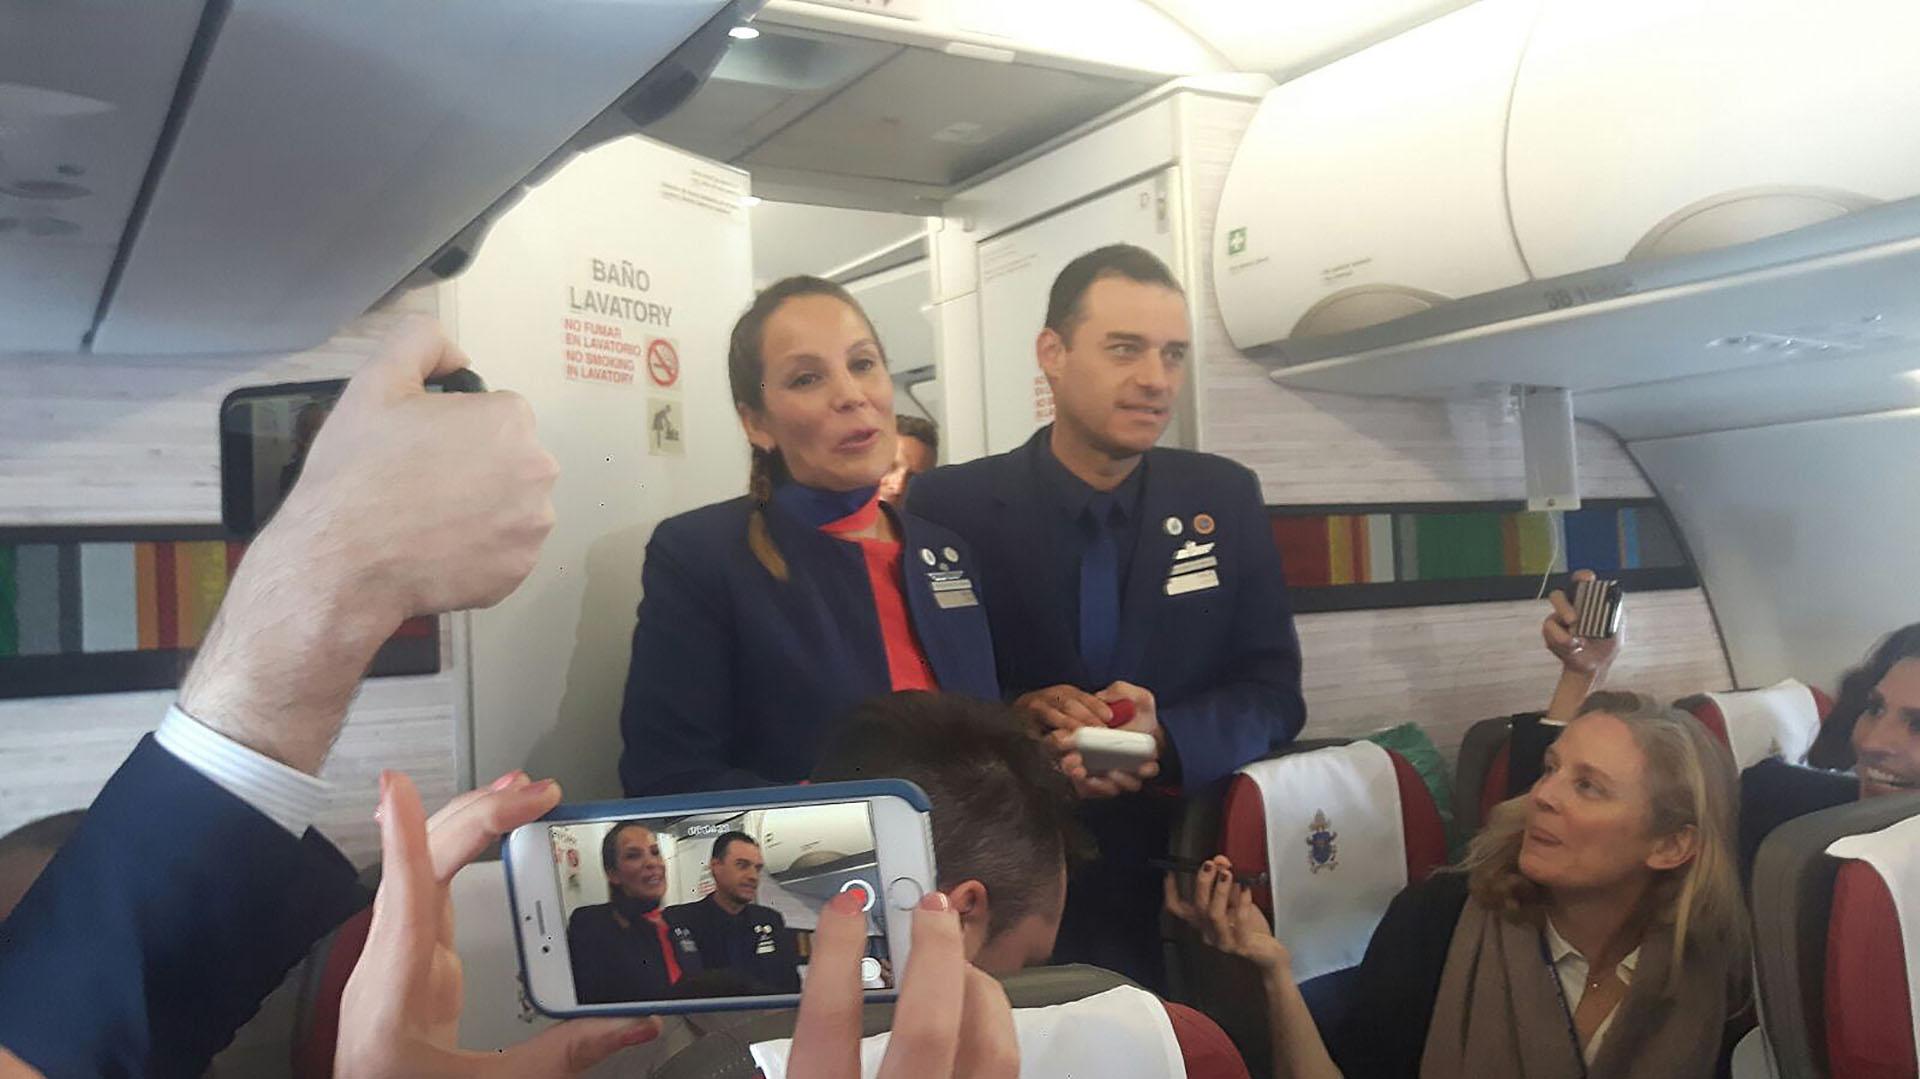 Los tripulantes del vuelo reaccionanfelices tras ser casados por el papa Francisco (EFE)